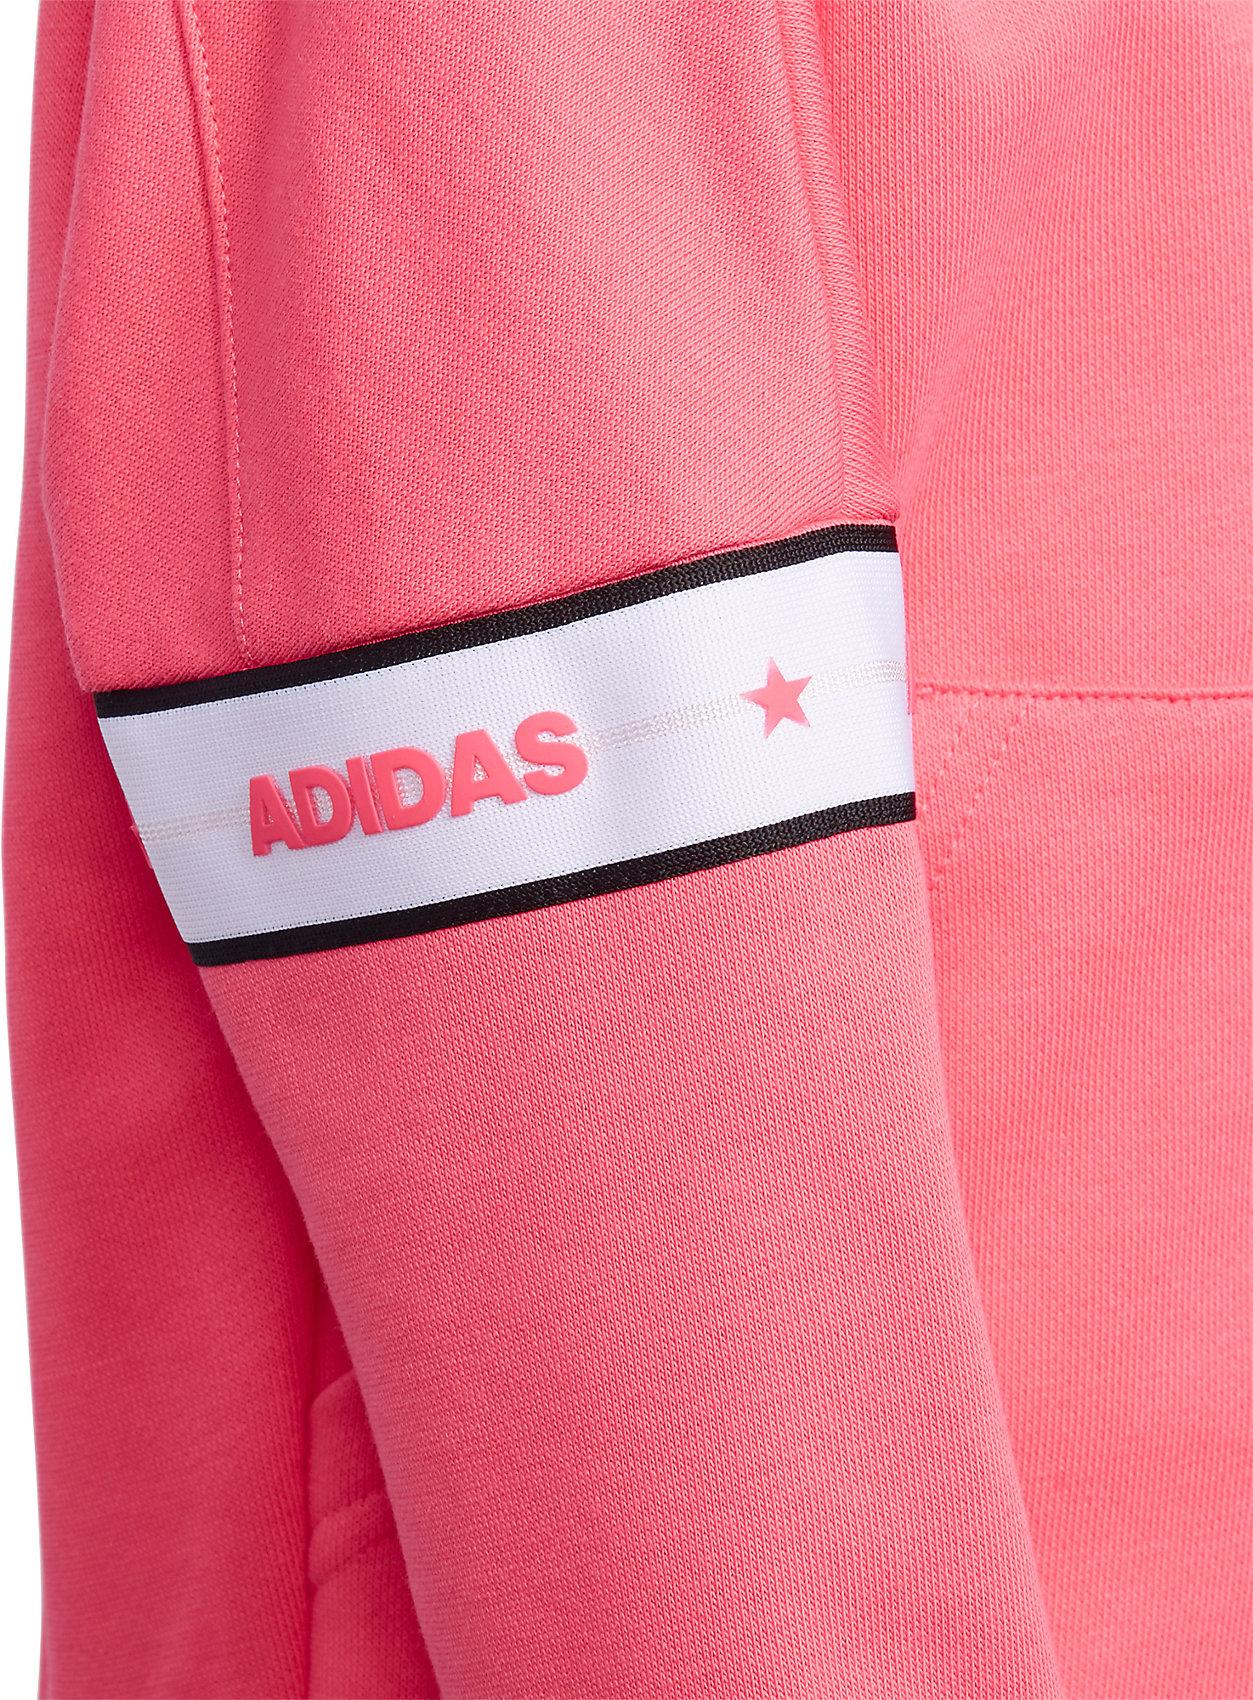 Details zu Neu adidas Performance Sweatjacke LG FT KN für Mädchen 11156512 für Mädchen